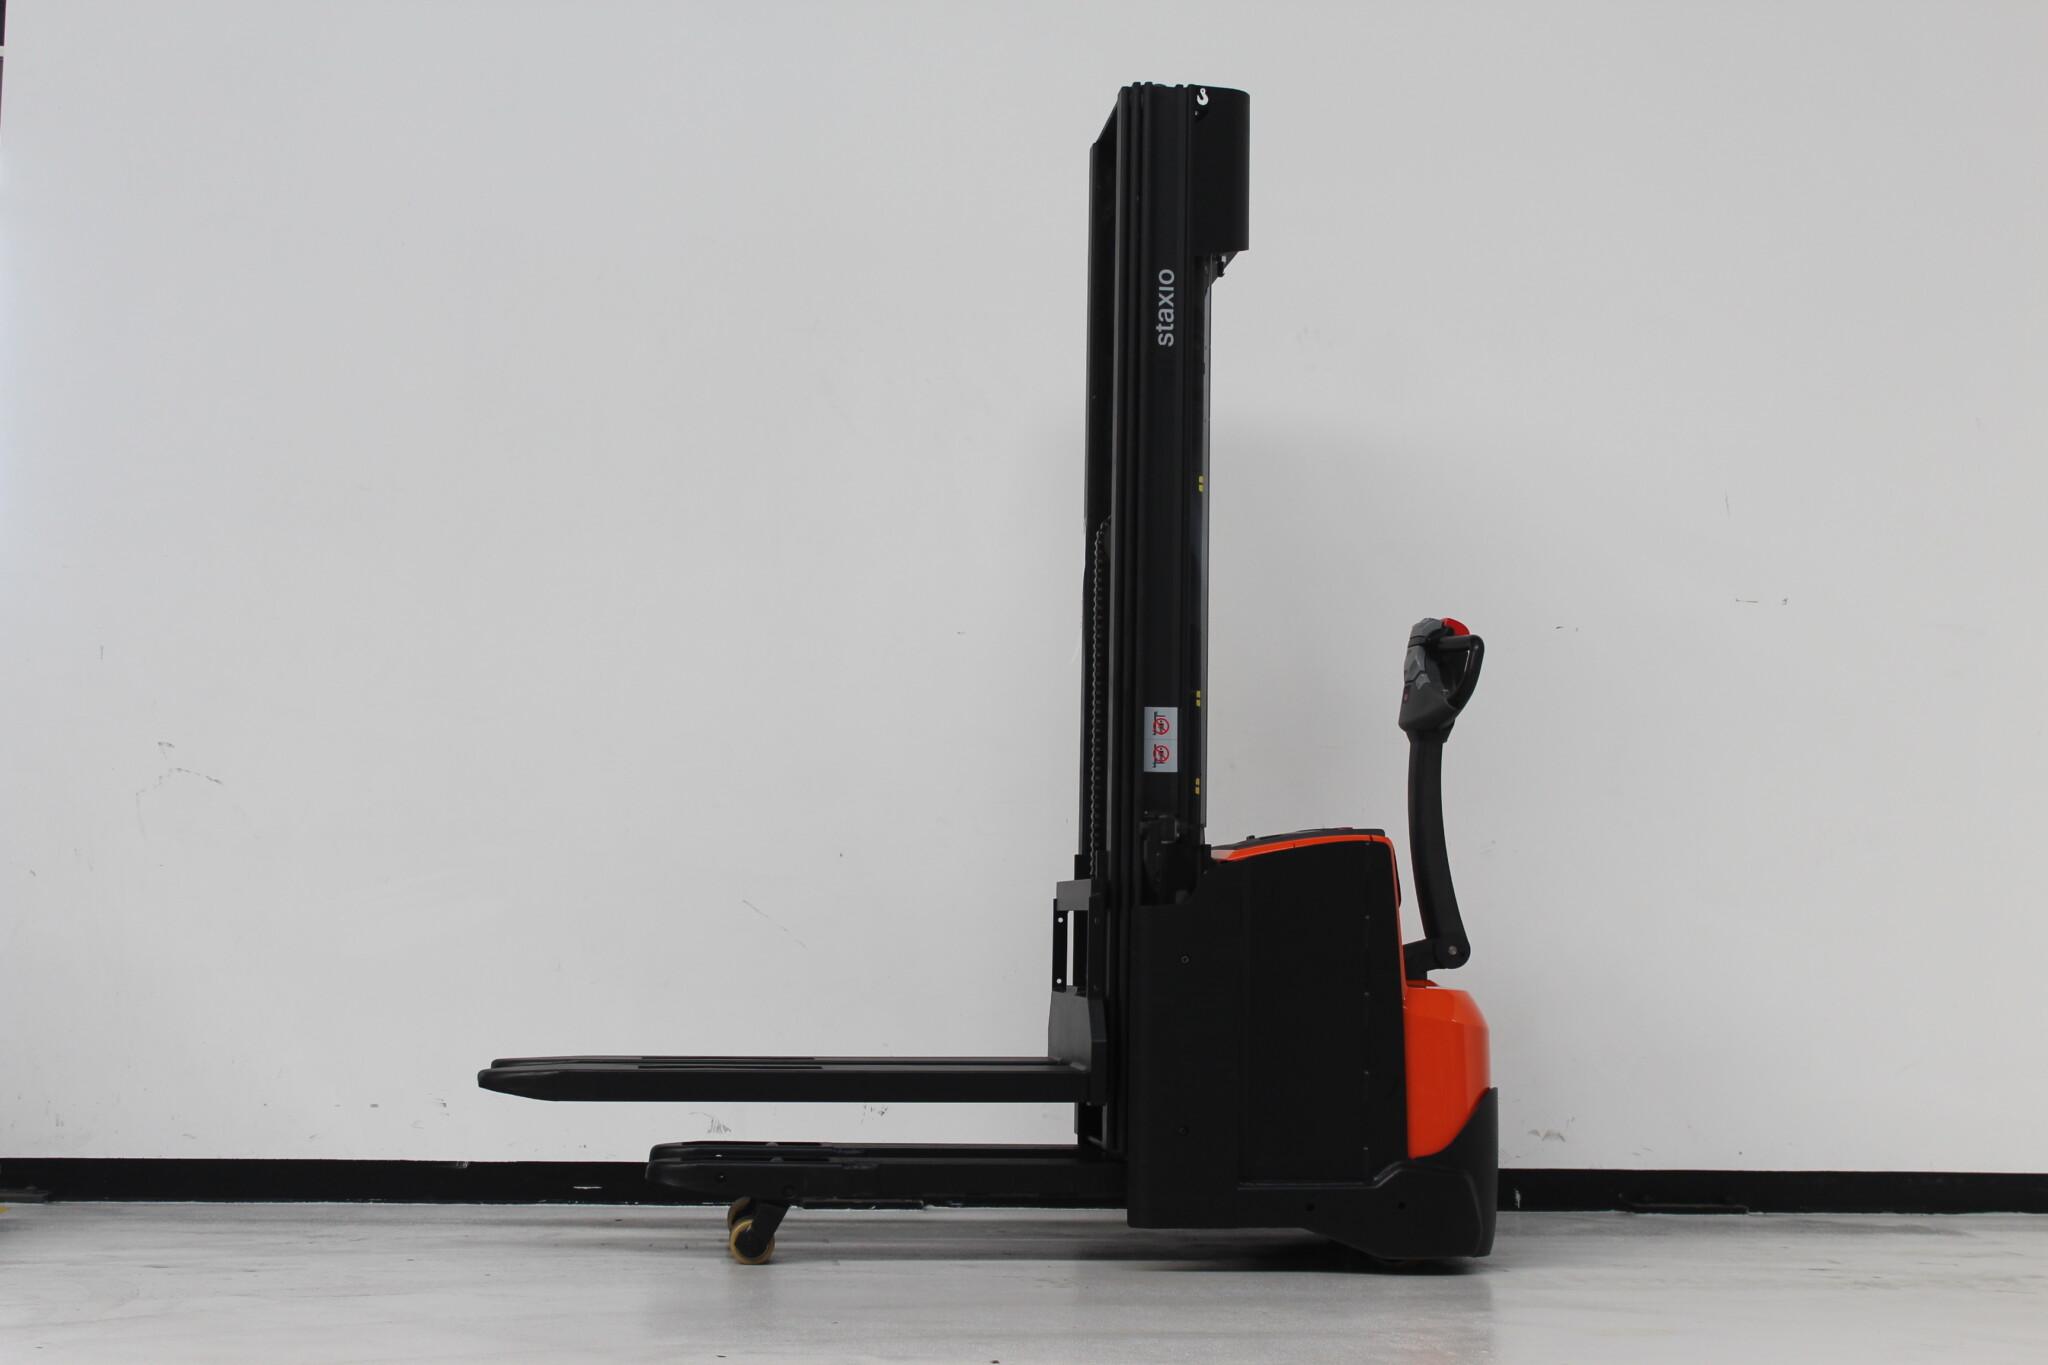 Toyota-Gabelstapler-59840 1410033734 1 scaled